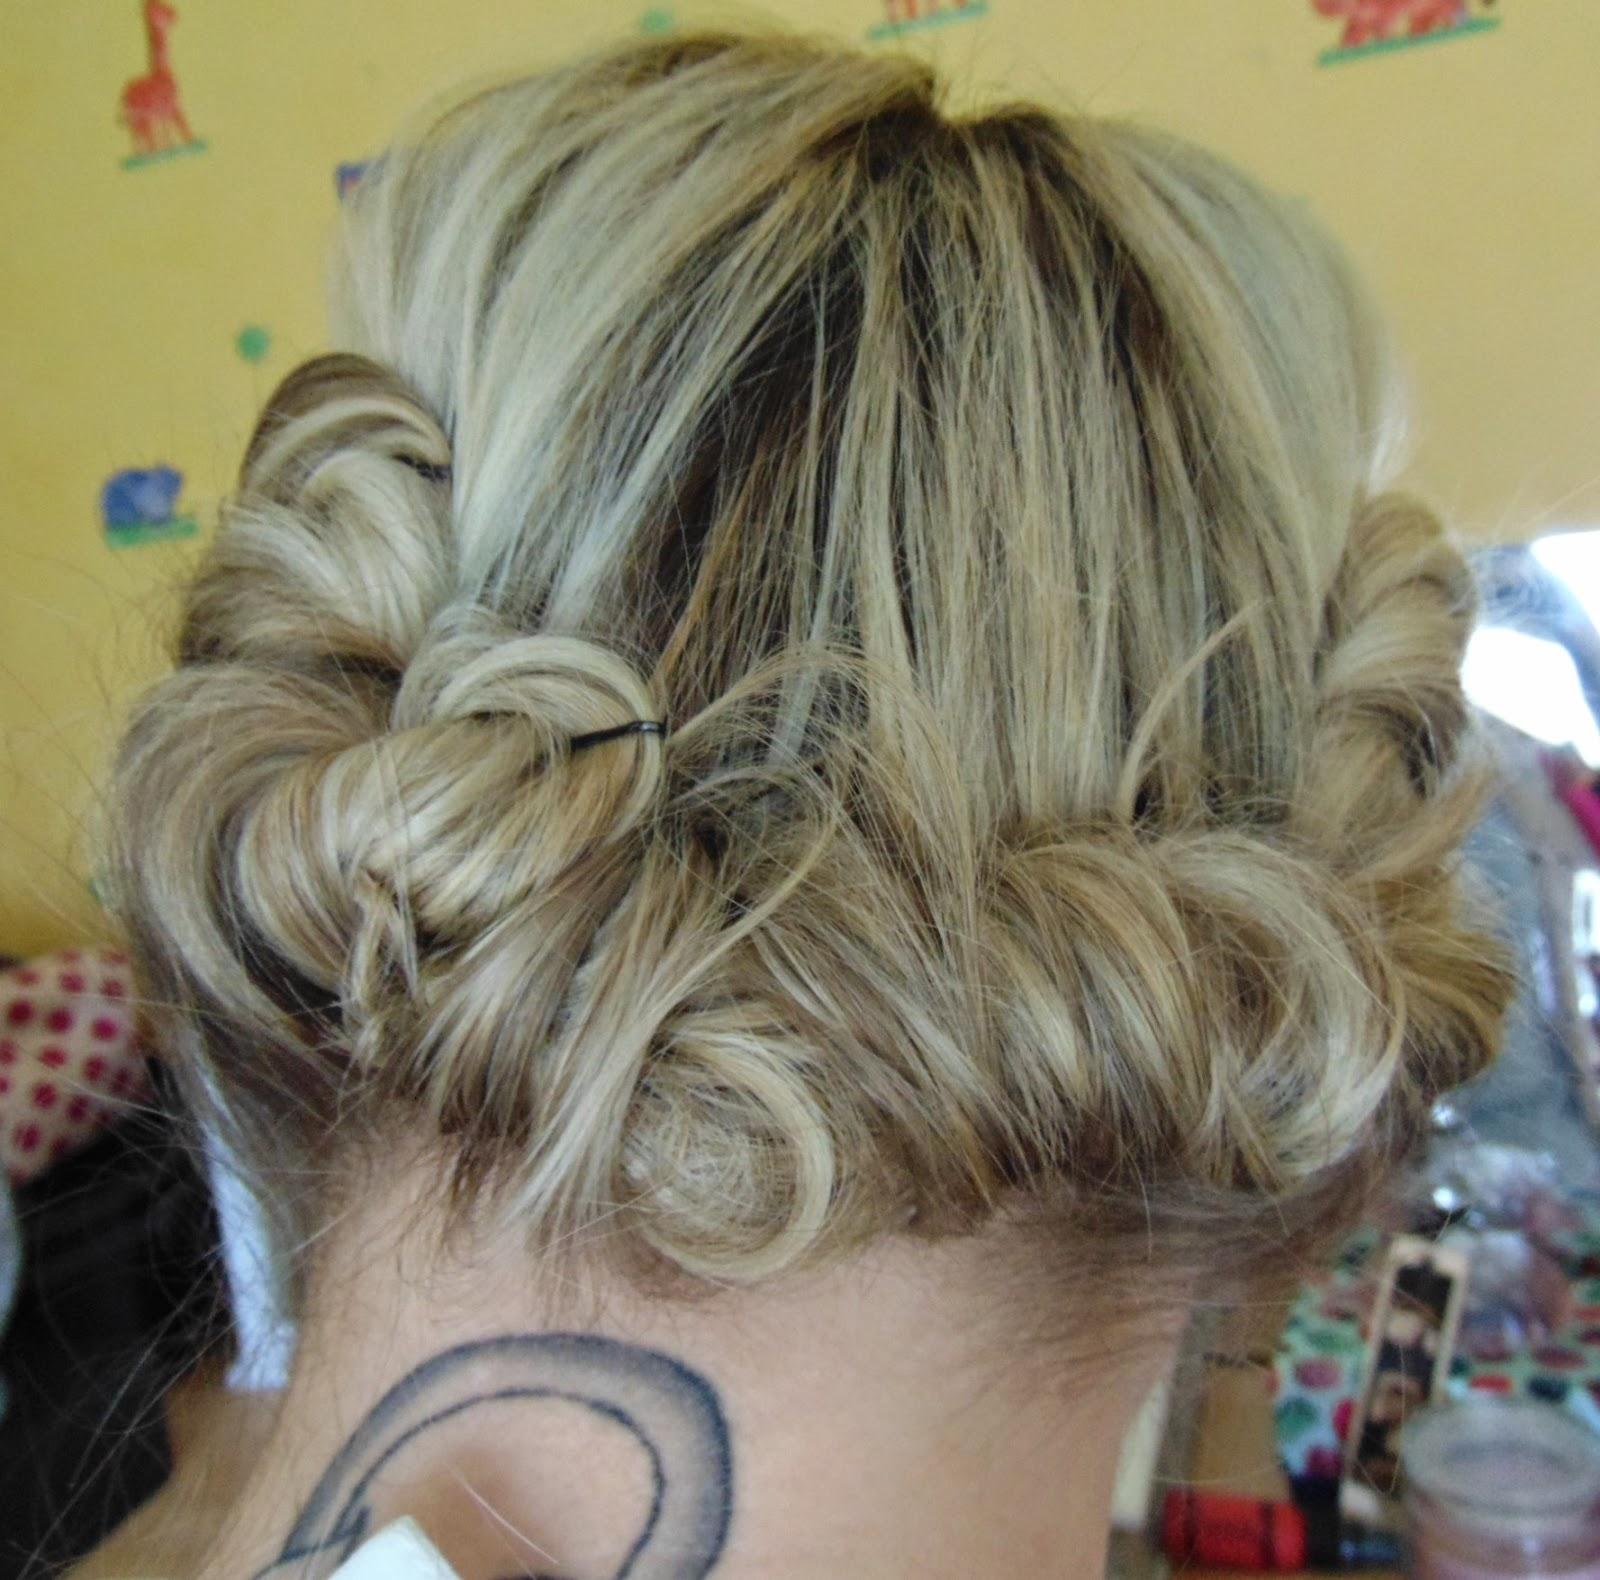 springtime hair style's